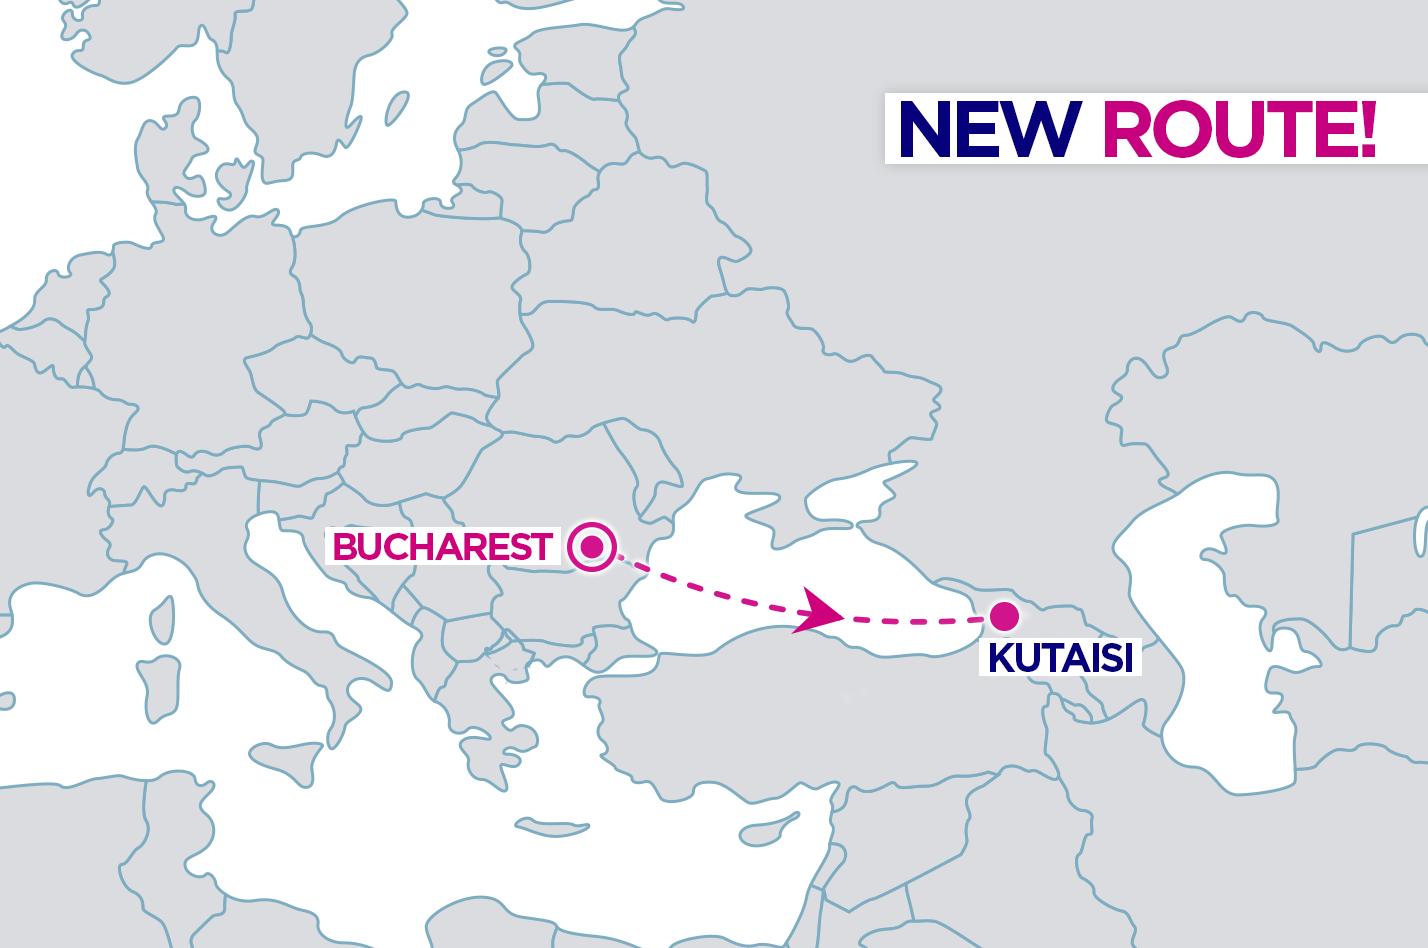 30073445 1634449629965783 3322944148342774118 o #новости Wizz Air, wizzair, Бухарест, Грузия, Кутаиси, Кутаисский аэропорт, рейс, Румыния